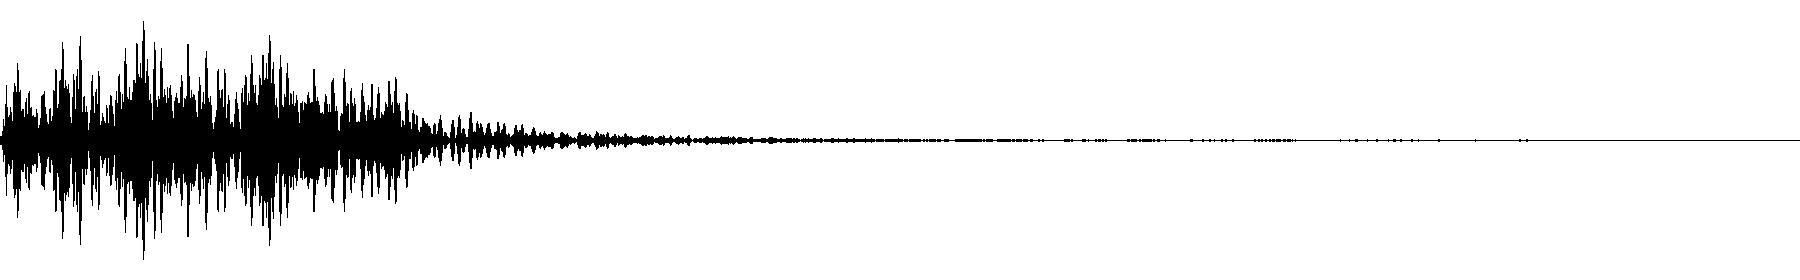 vedh synth cut 034 em9